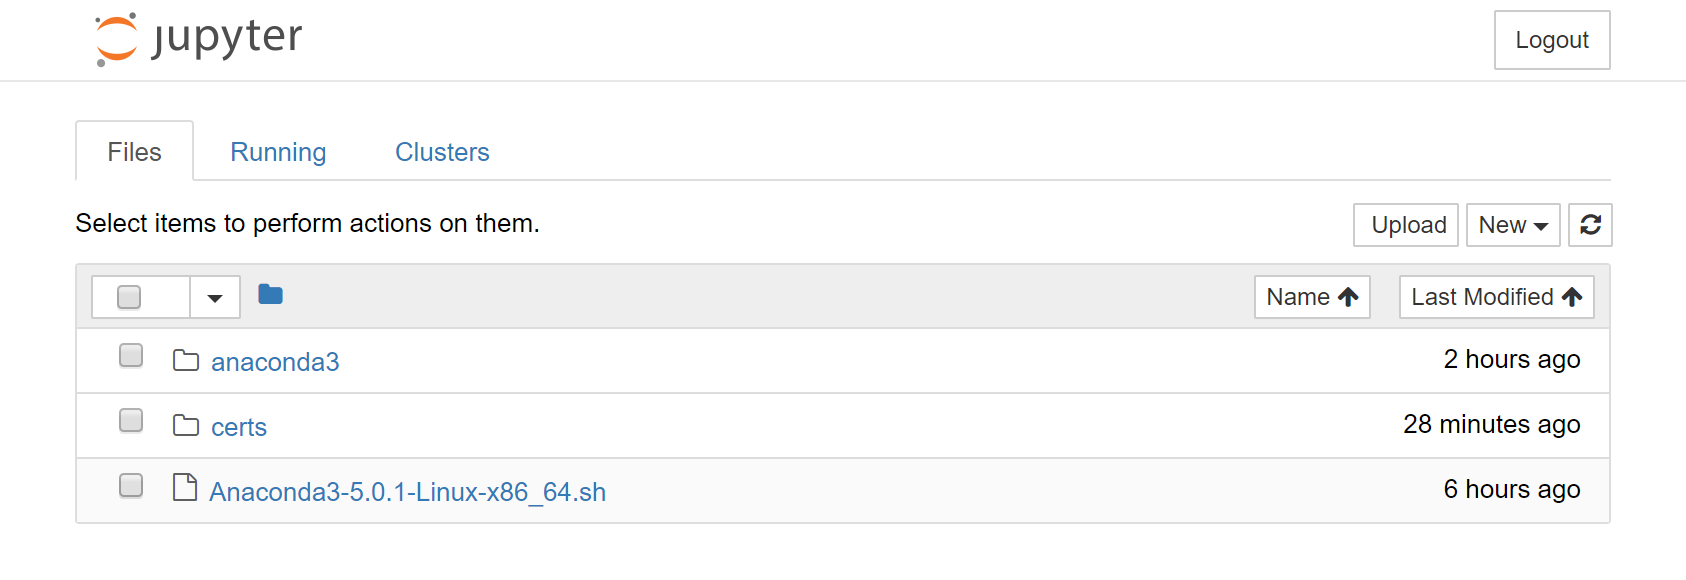 La page d'accueill de Jupyter